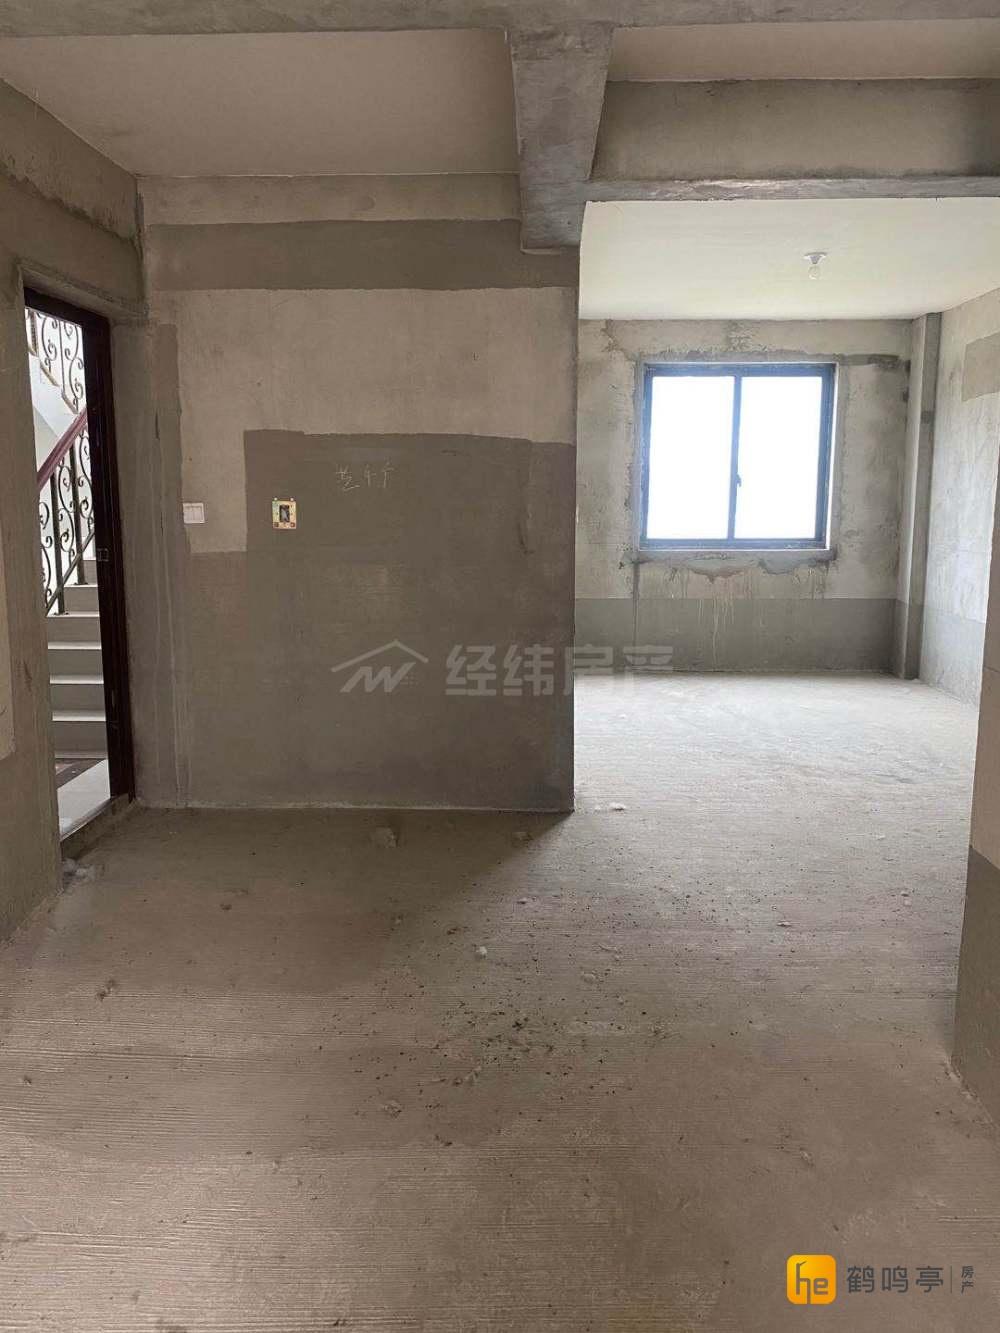 恒隆花园电梯洋房4楼125平方送车库车位毛坯现房130万出售